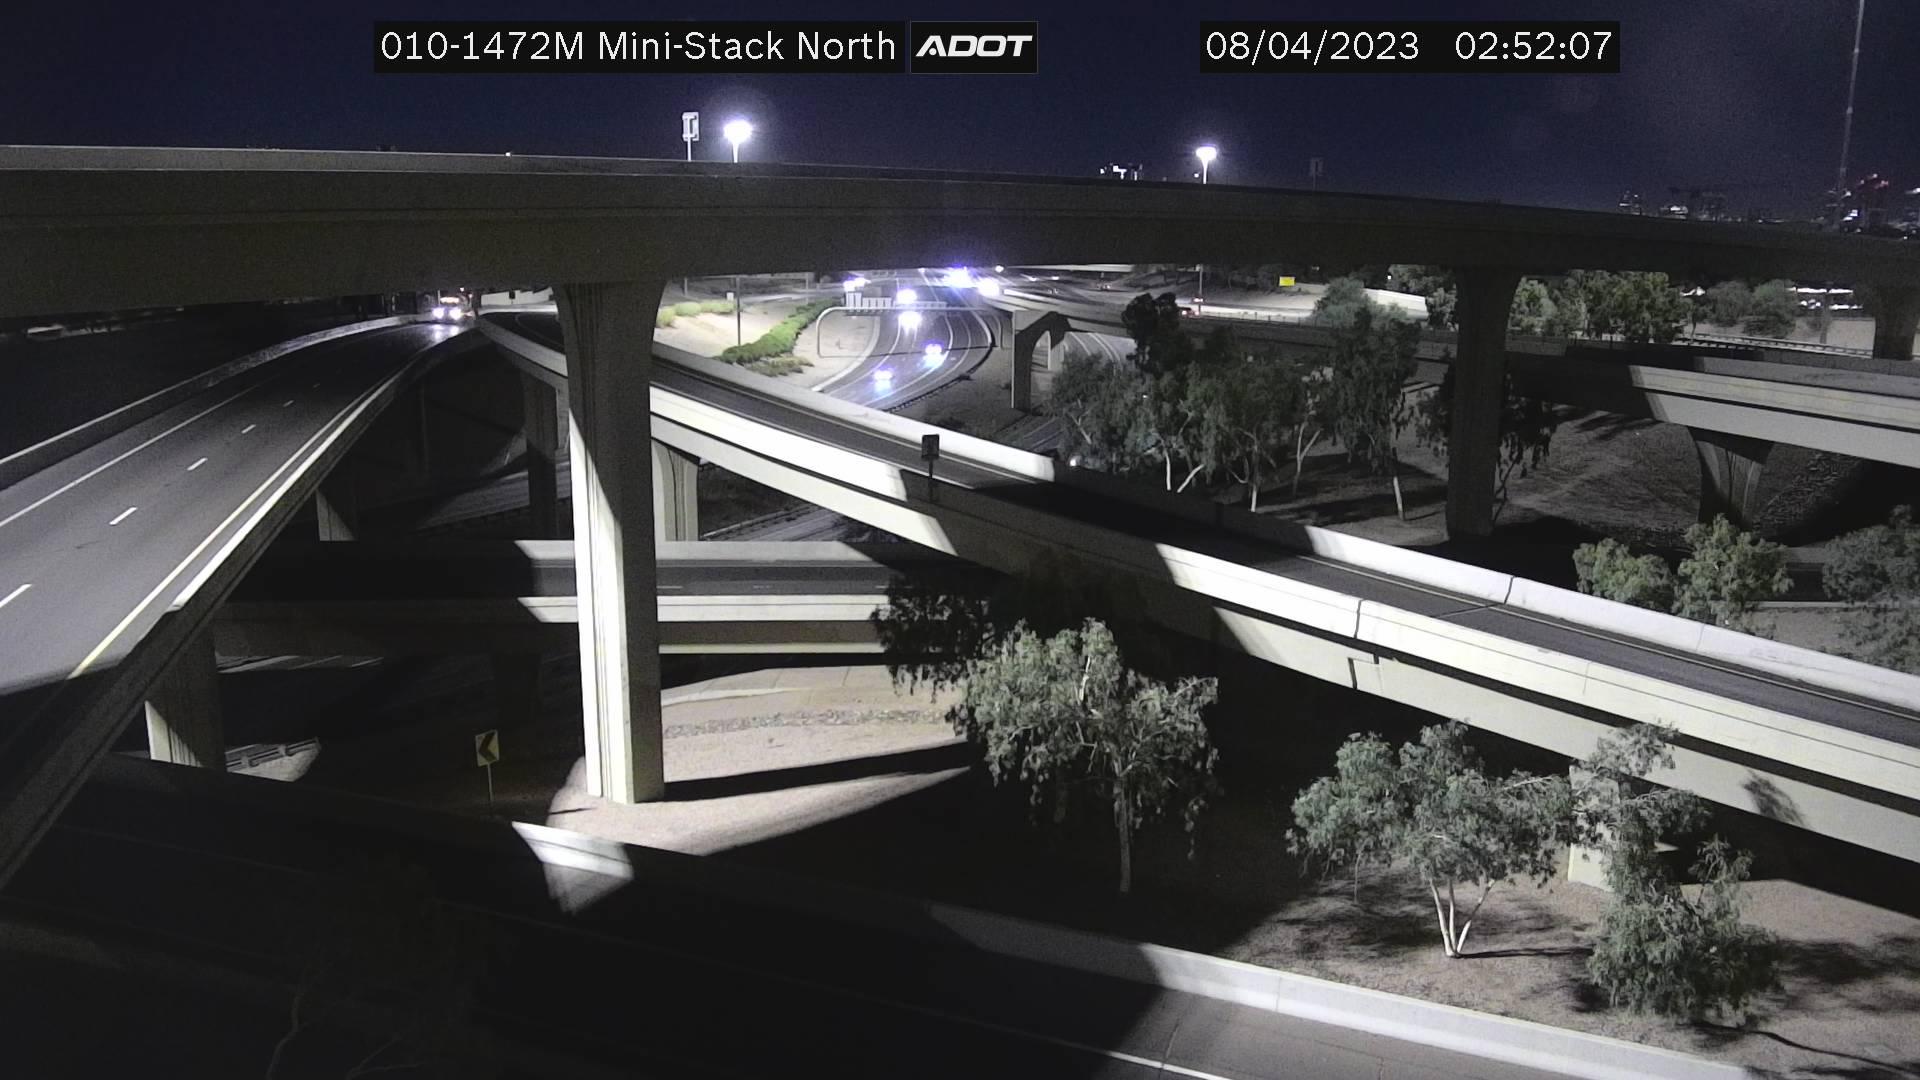 I-10 and Mini Stack @ North